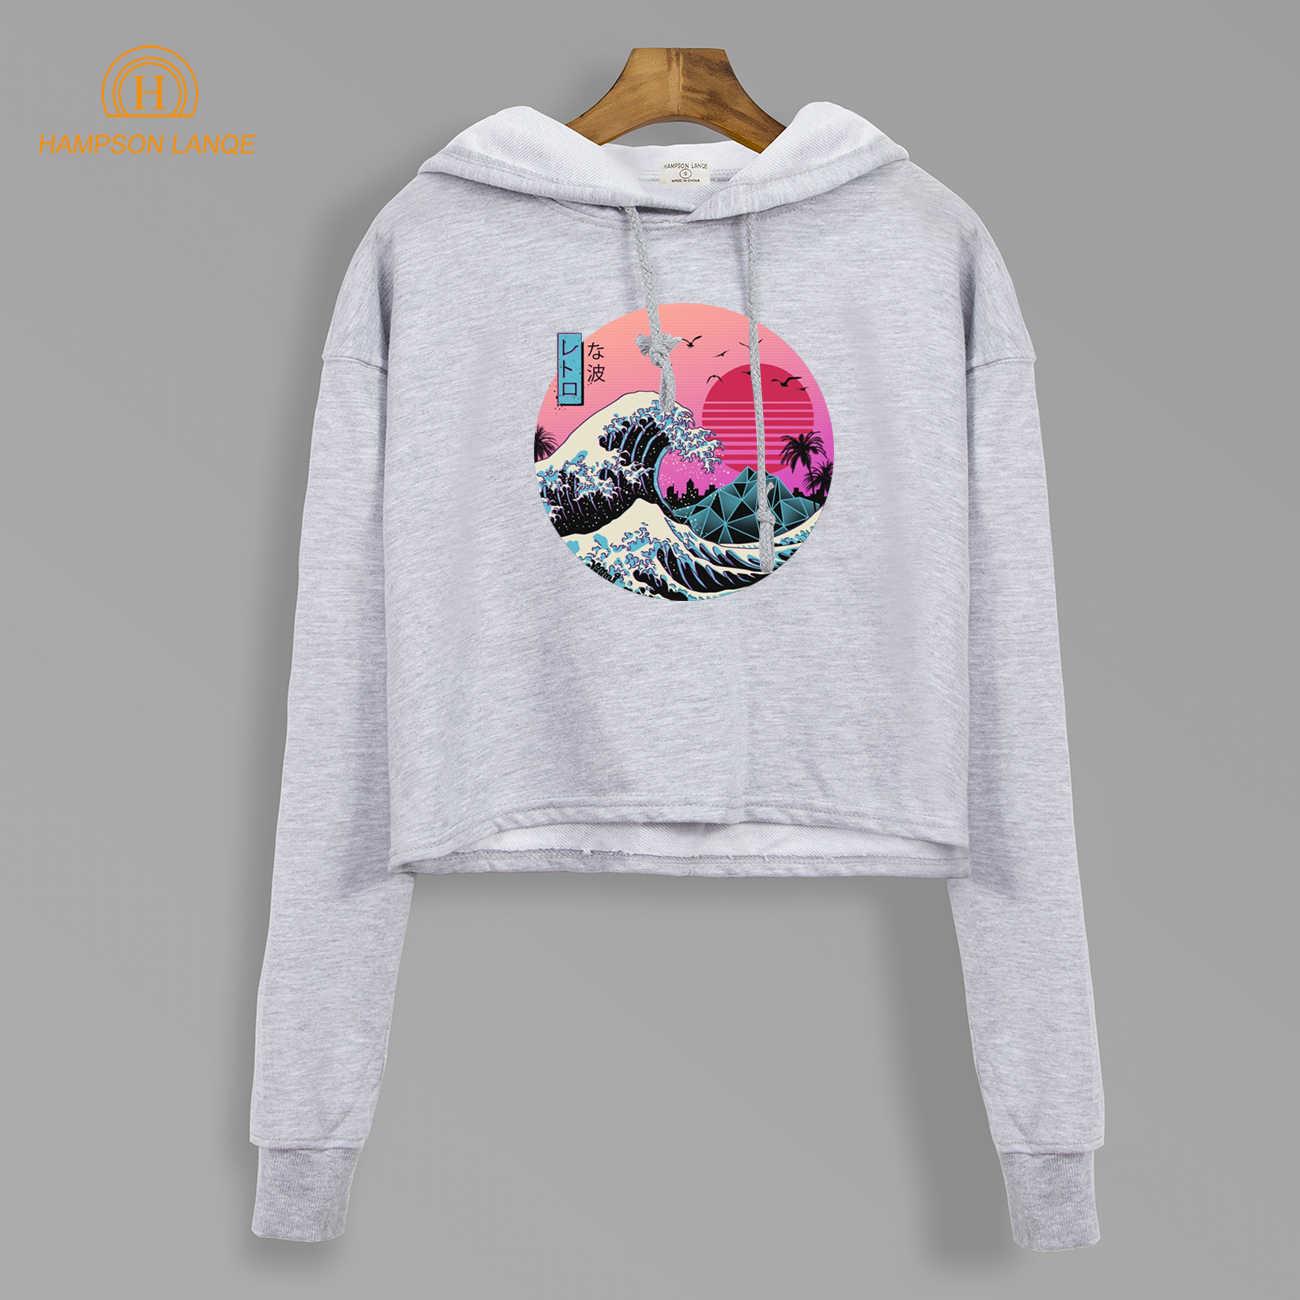 Die Große Retro Welle Japan Anime Ernte Hoodies Marke Vaporwave Kurze Stil Sweatshirts 2019 Neue Herbst Harajuku Cropped Pullover